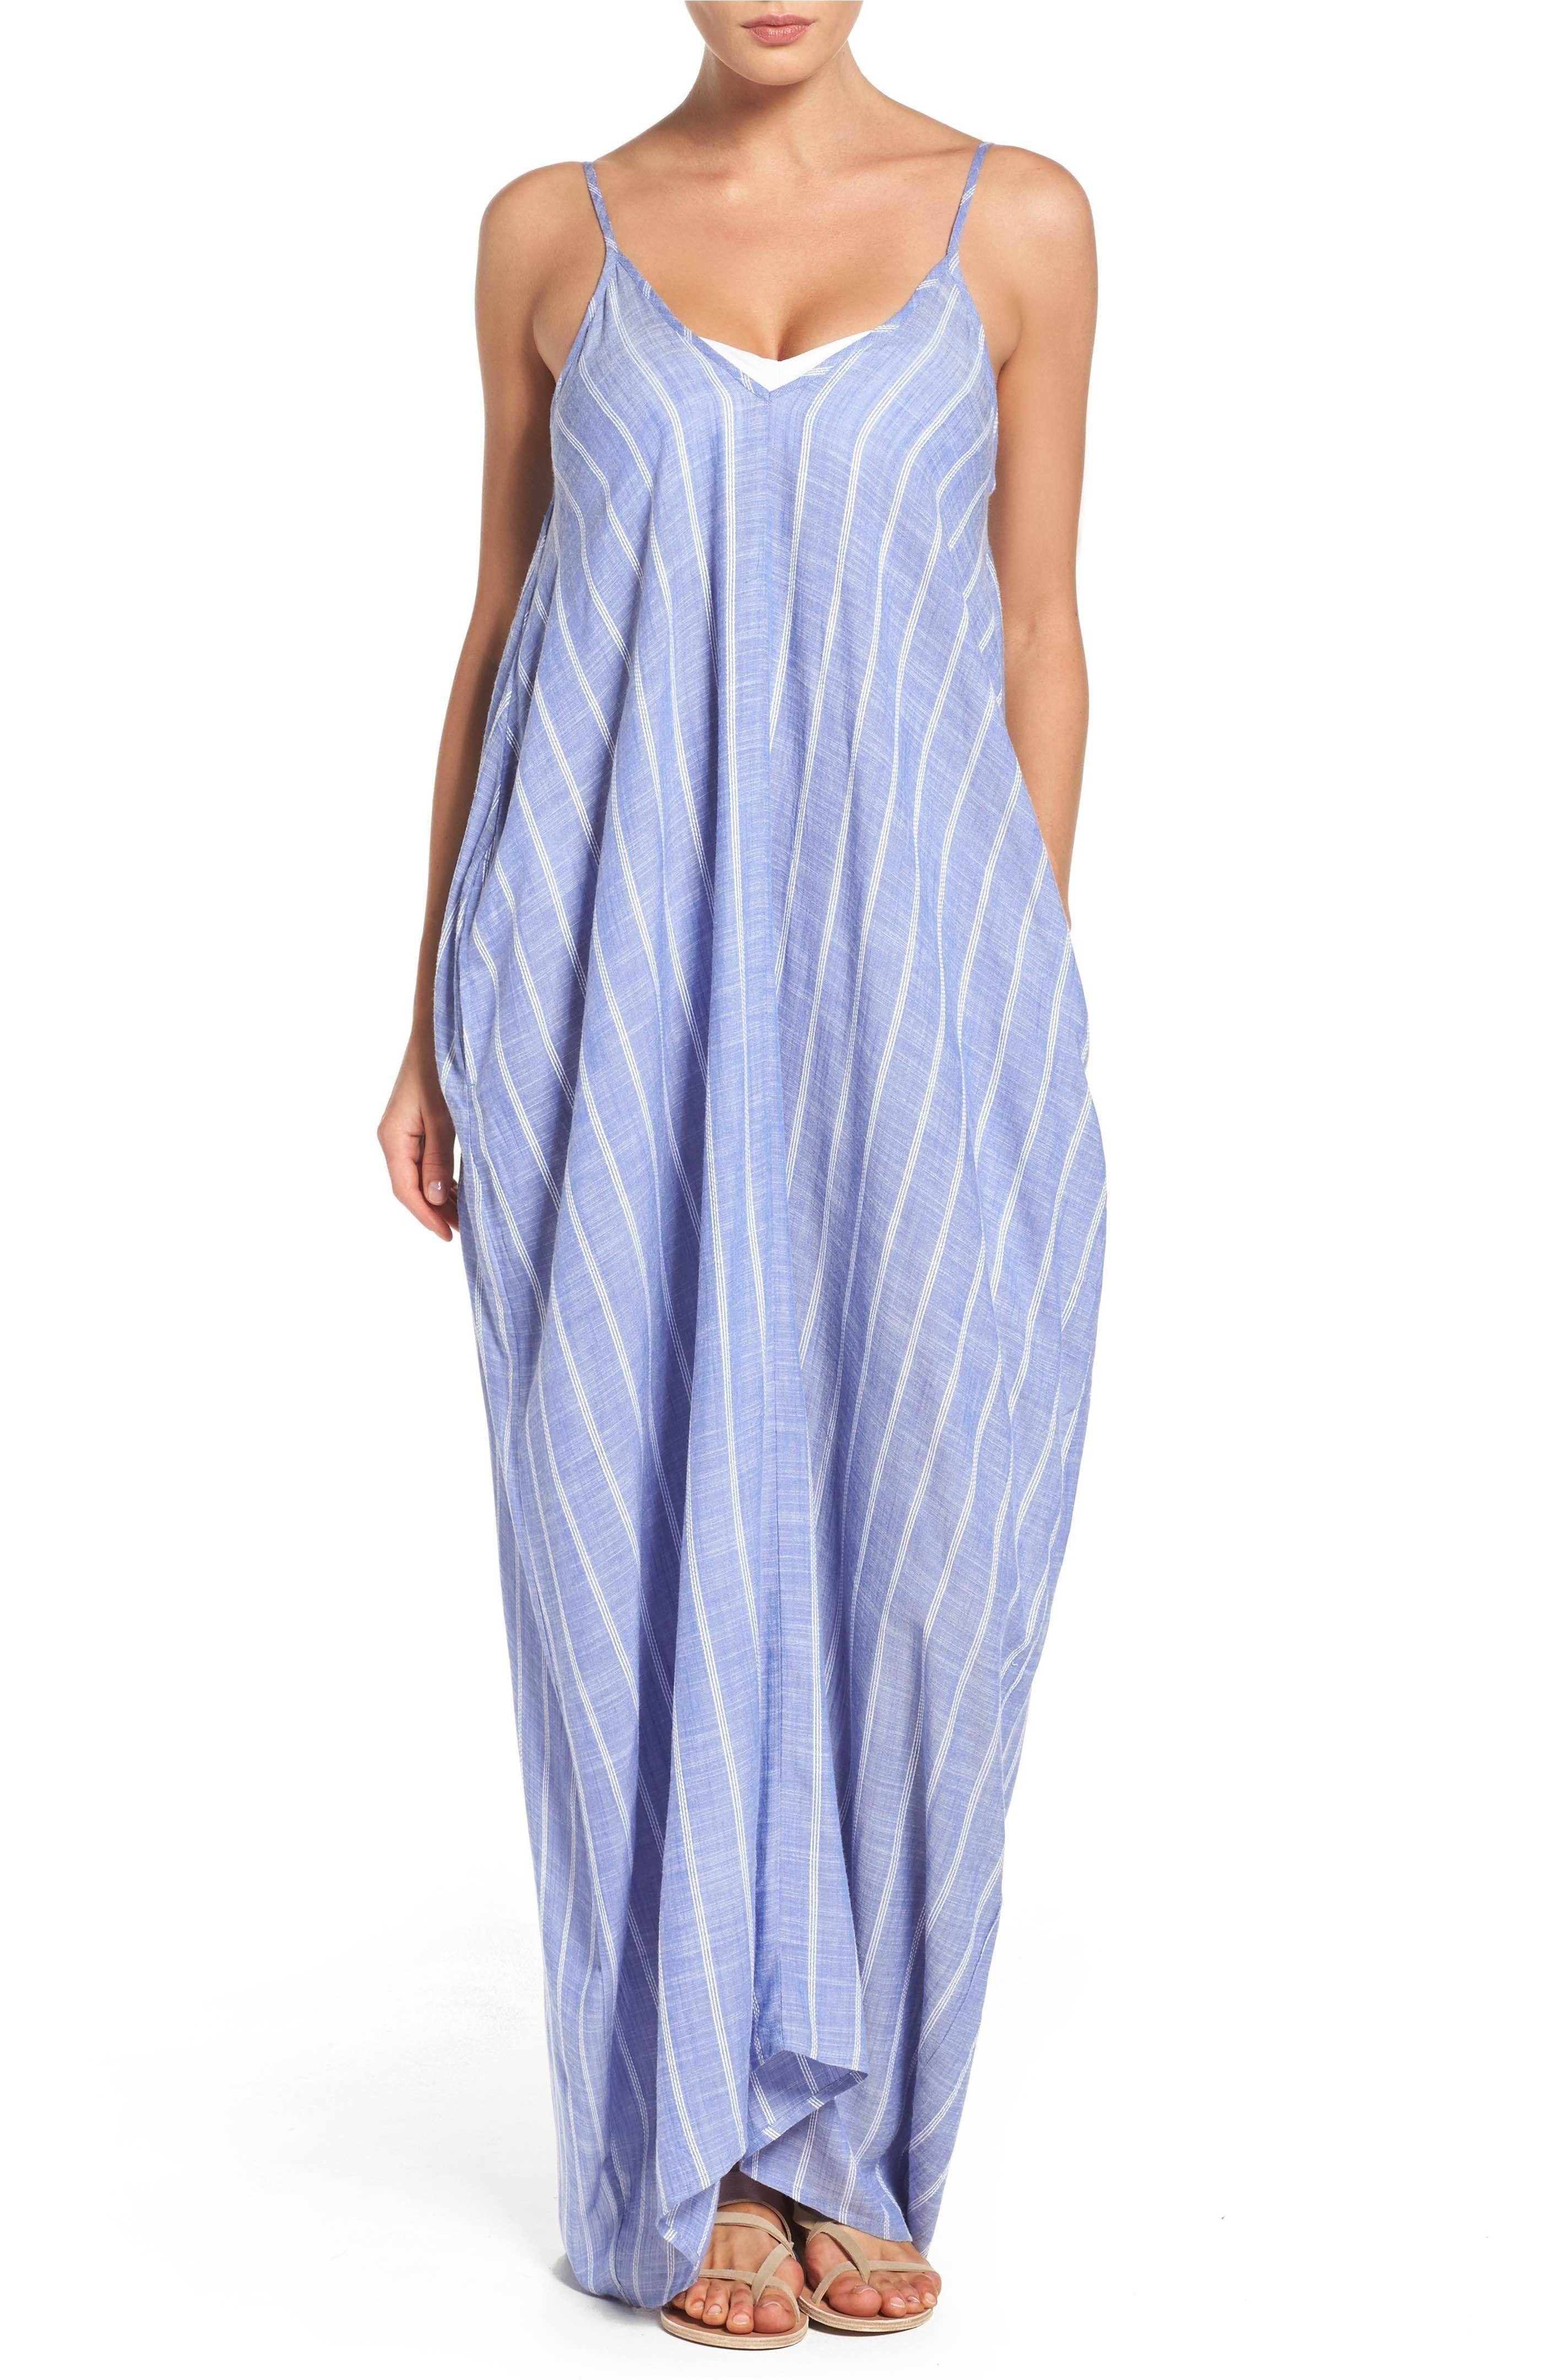 0d29273025 Main Image - Elan Cover-Up Maxi Dress